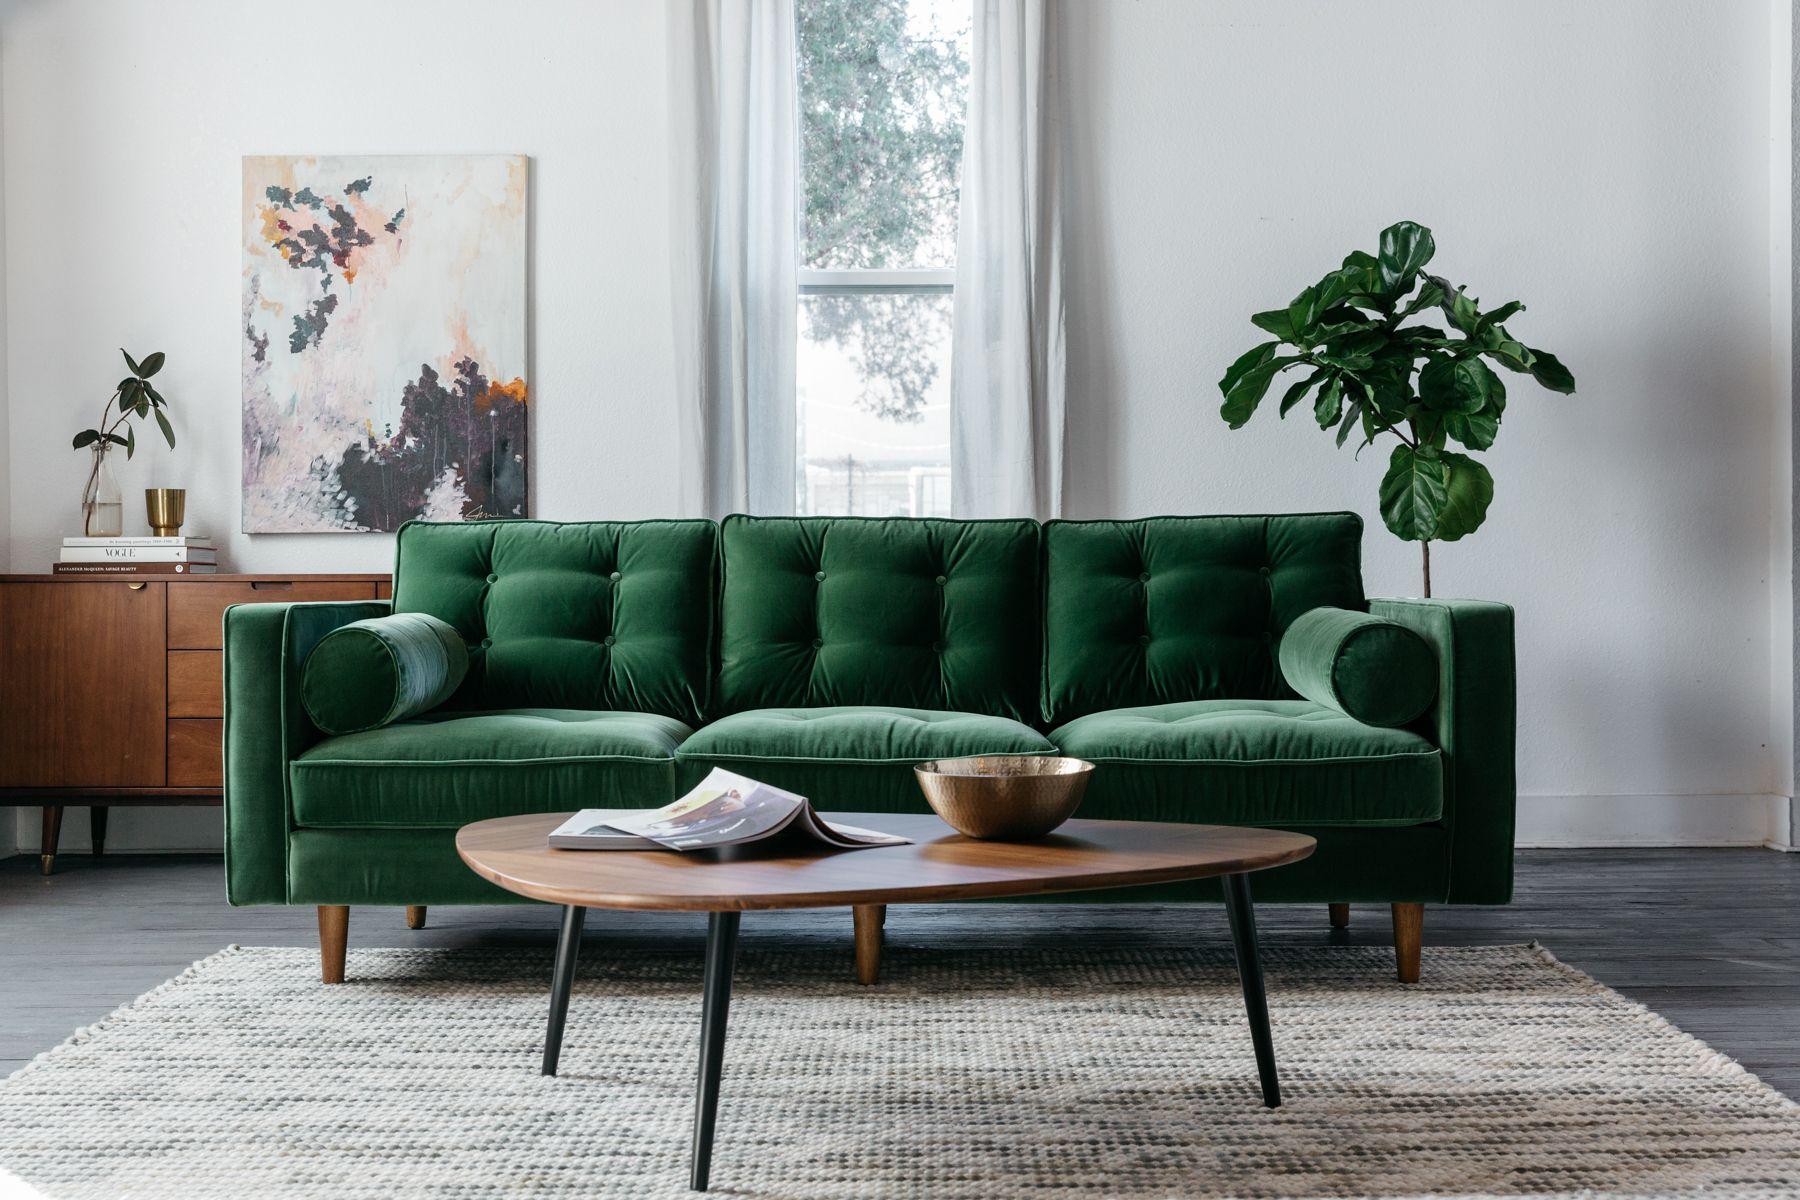 Danell cotton grass green velvet sofa mid century modern sofa